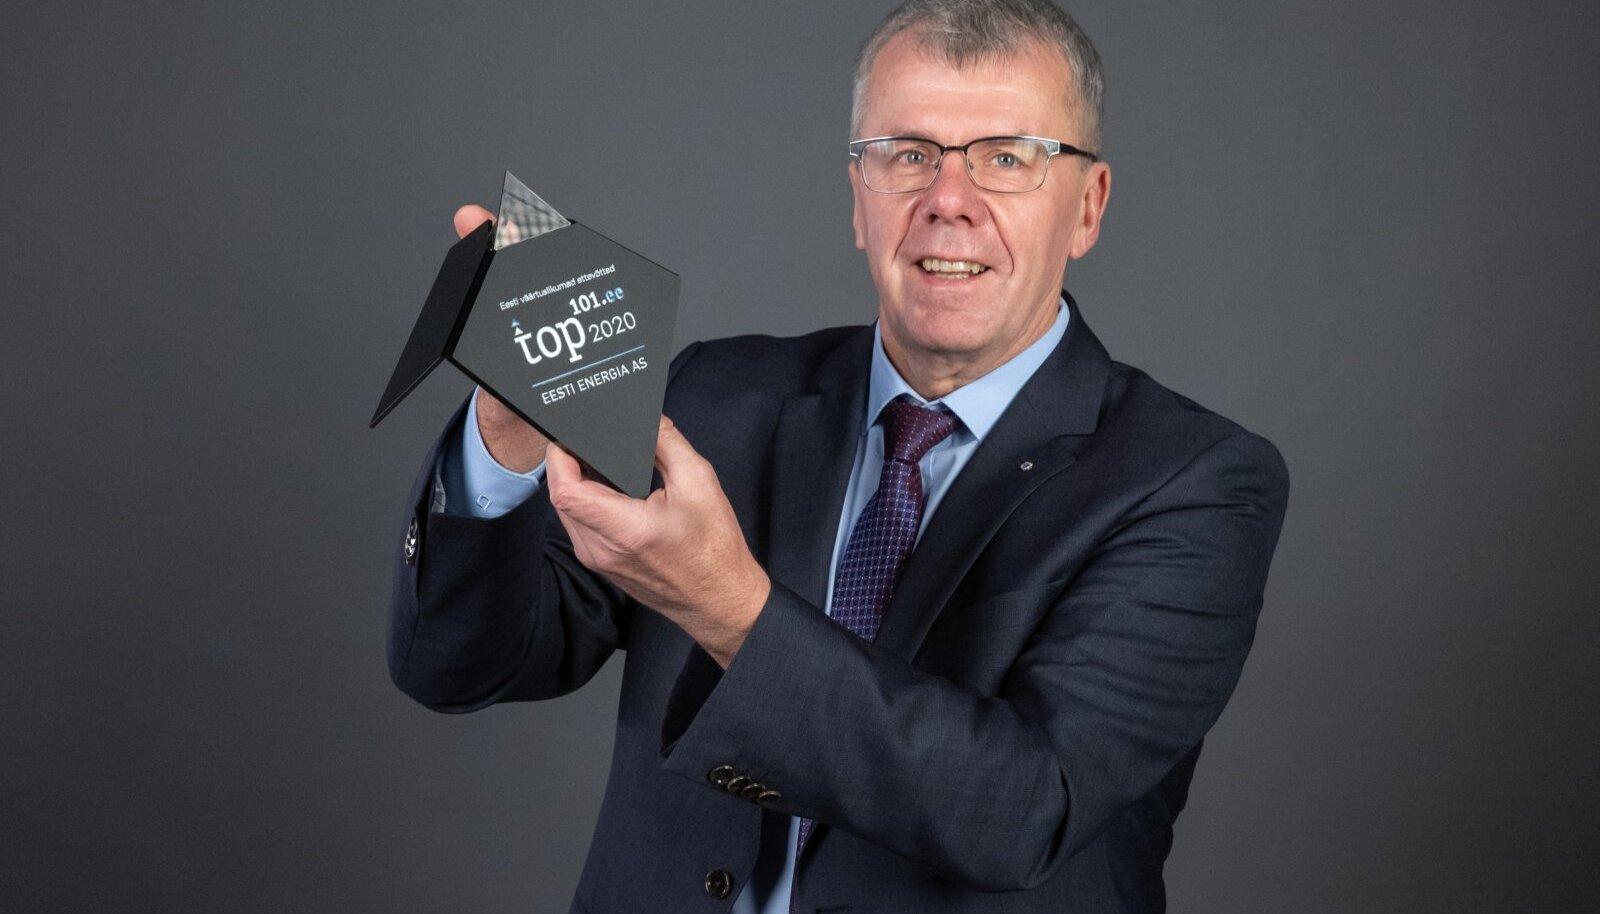 Illar Kaasik hoidmas auhinda, mis kuulub võitjale. Pandeemia tõttu ei saanud seda neile koheselt üle anda.